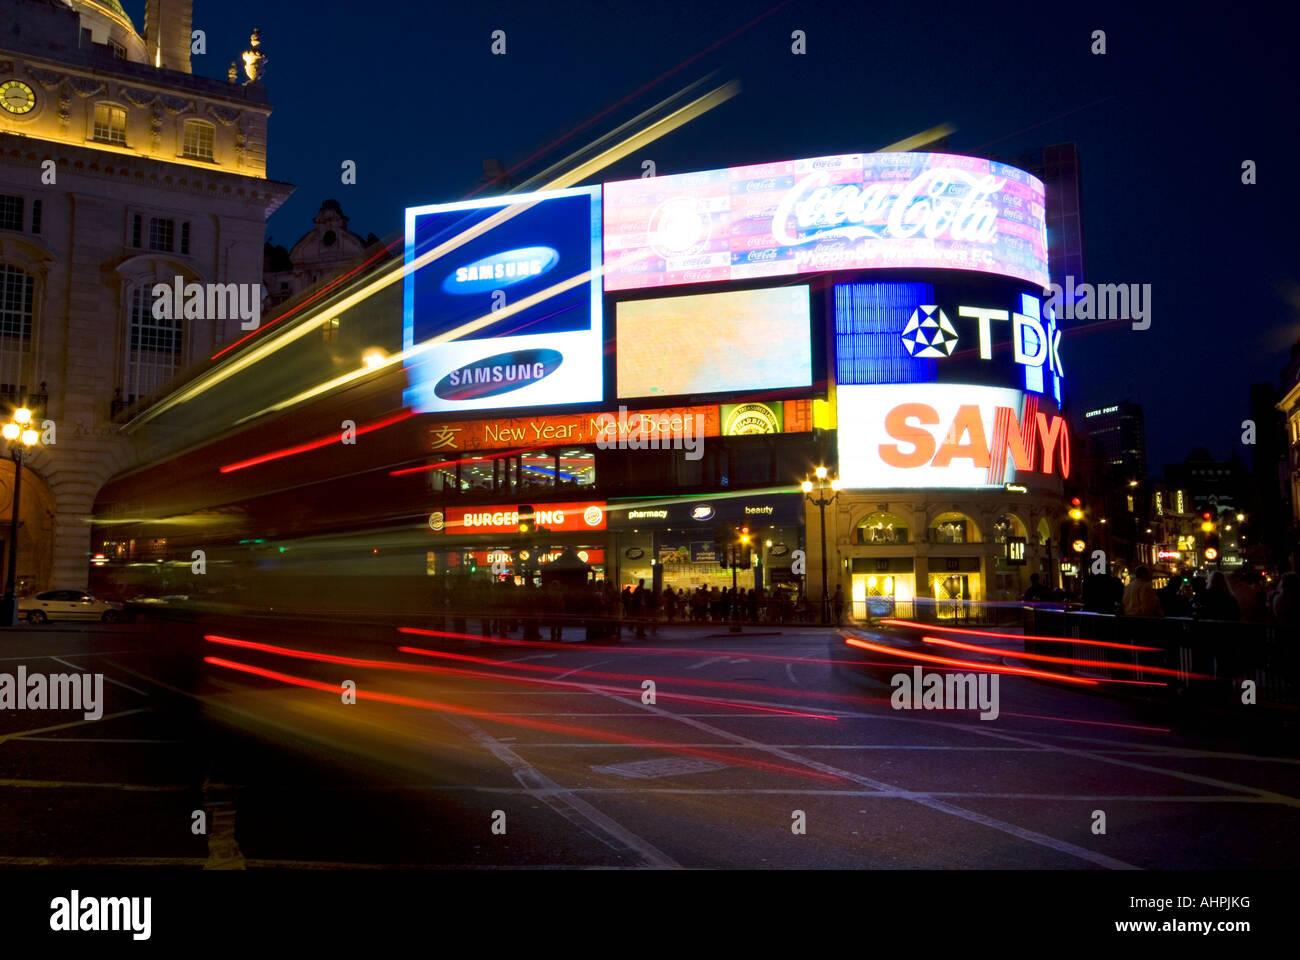 Picadilly Circus at night - Stock Image